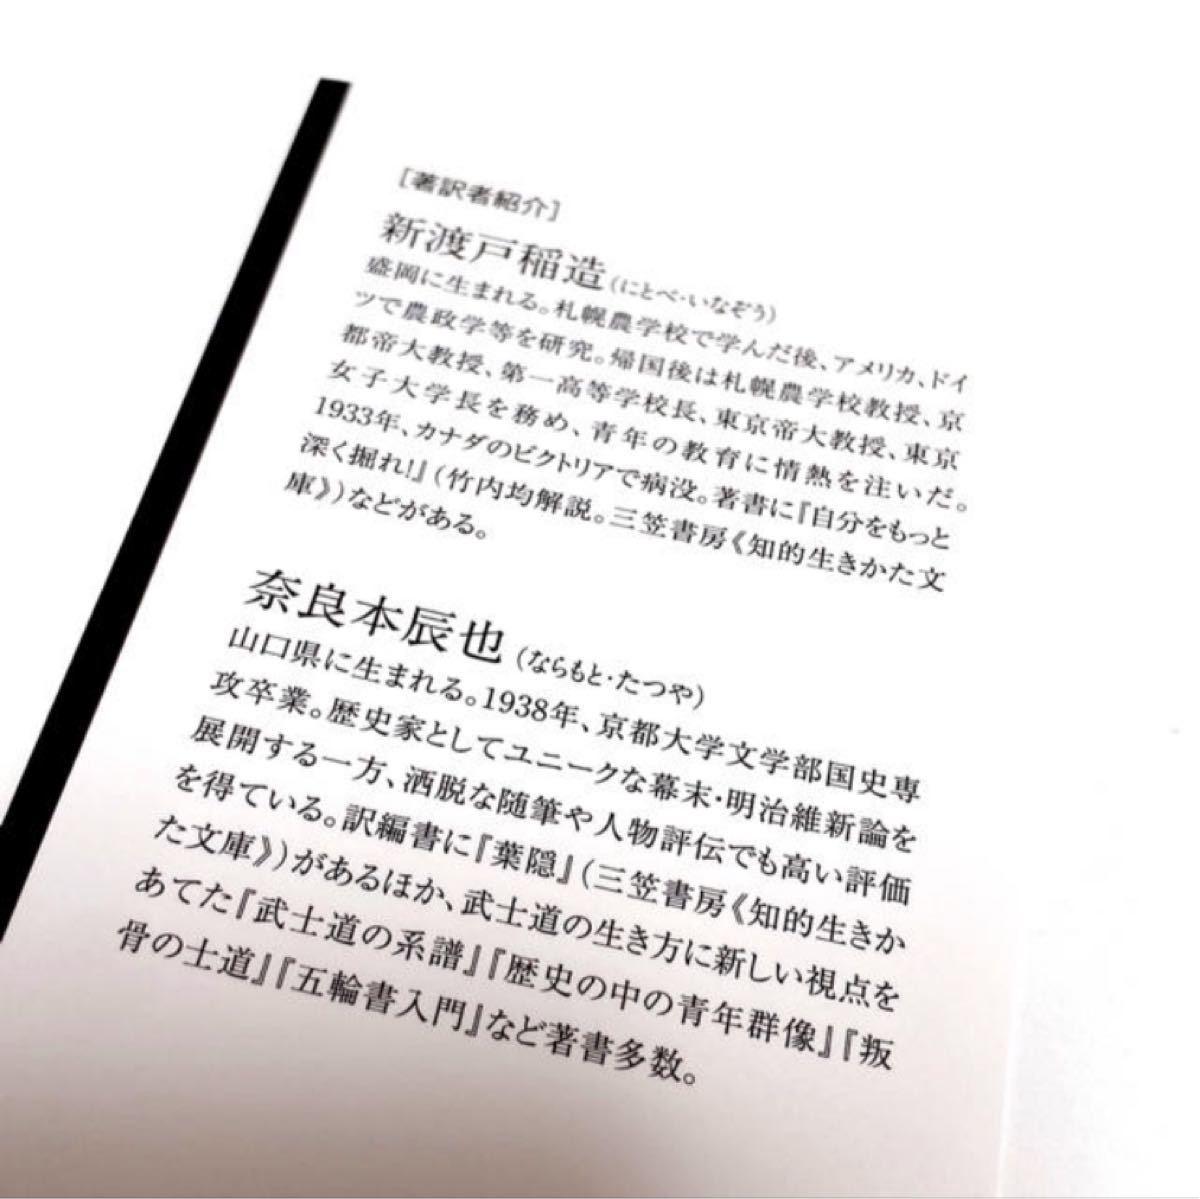 【自己啓発本】武士道 新渡戸稲造/奈良本辰也 今人は何を考えどう生きればいいのか